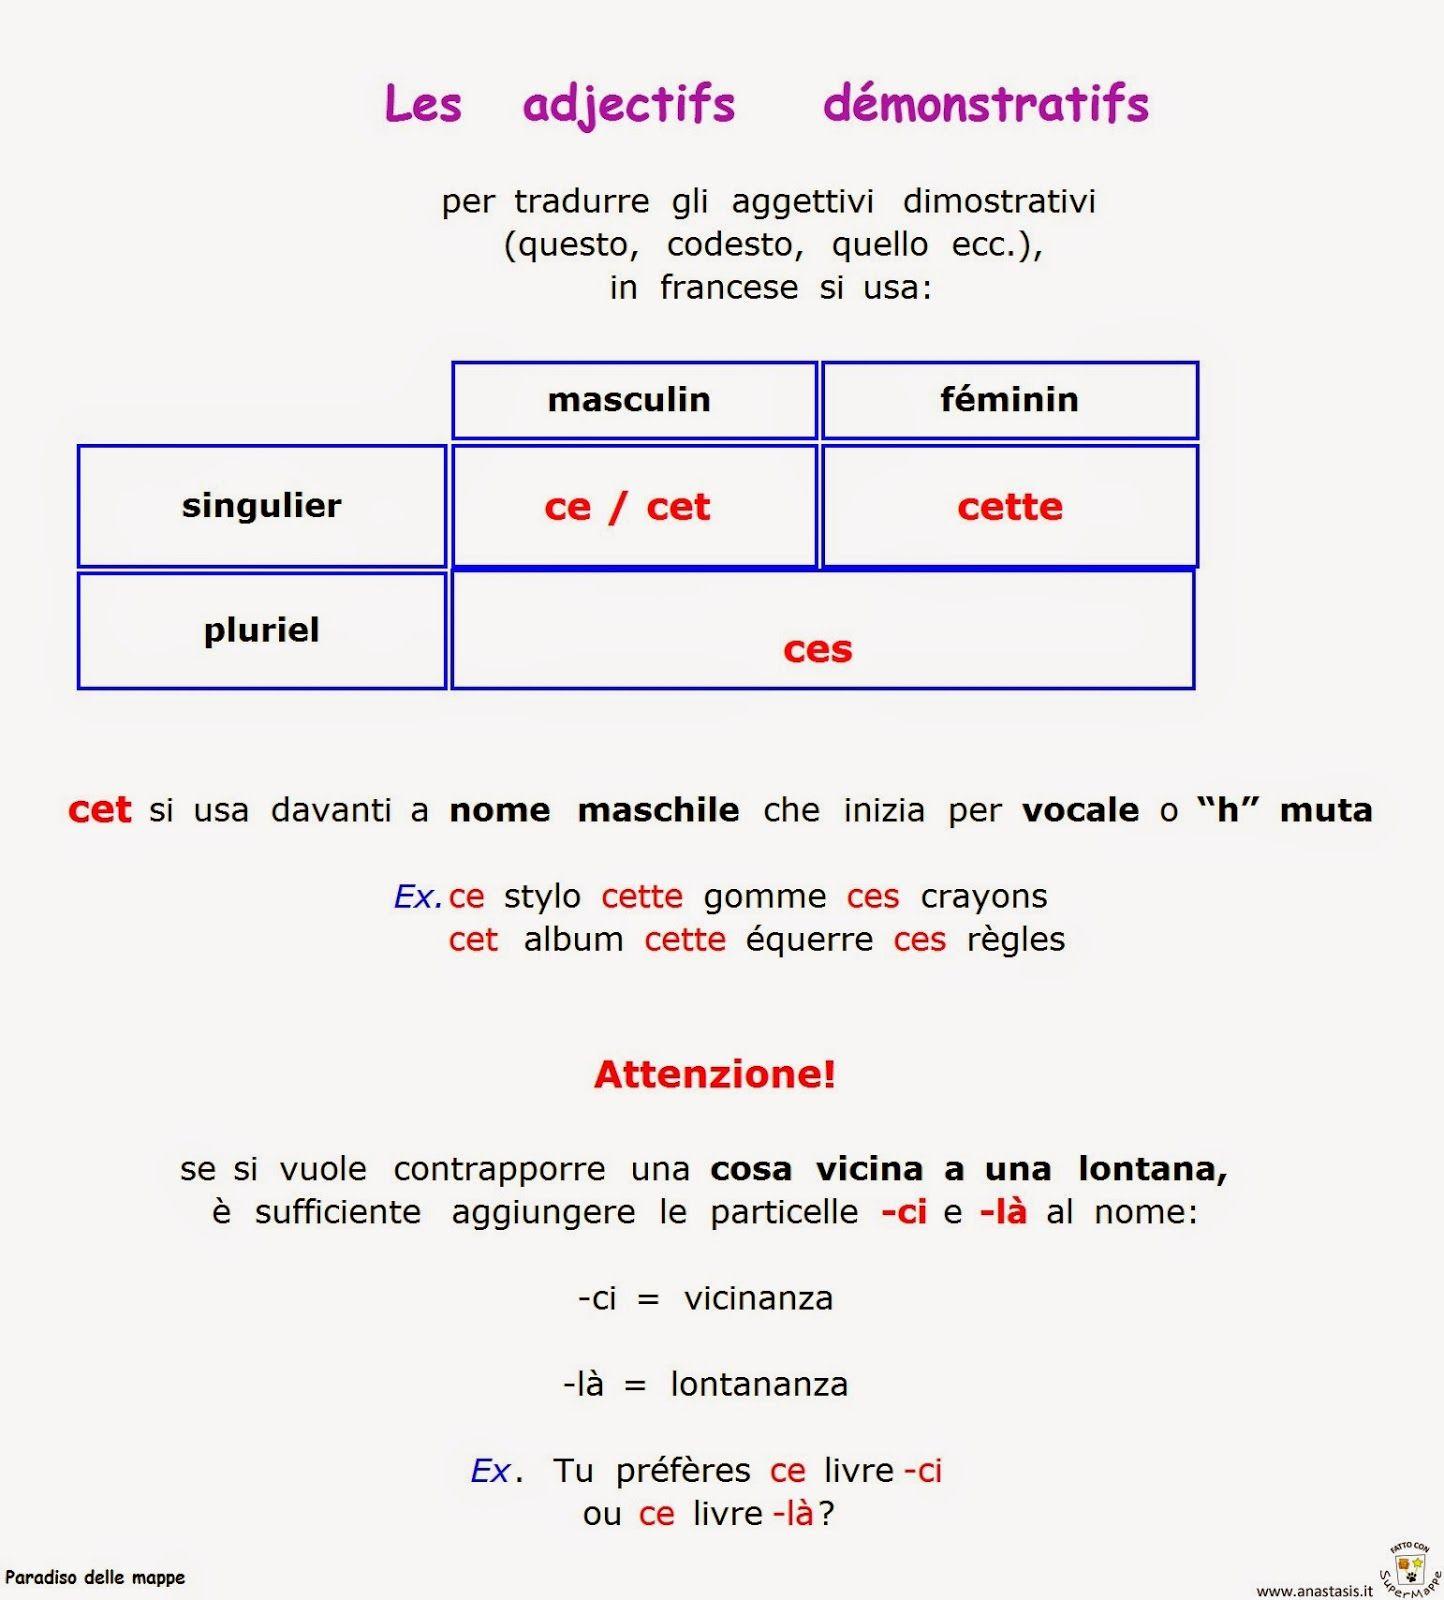 Aggettivi Dimostrativi Grammatica Francese Imparare Il Francese Francese